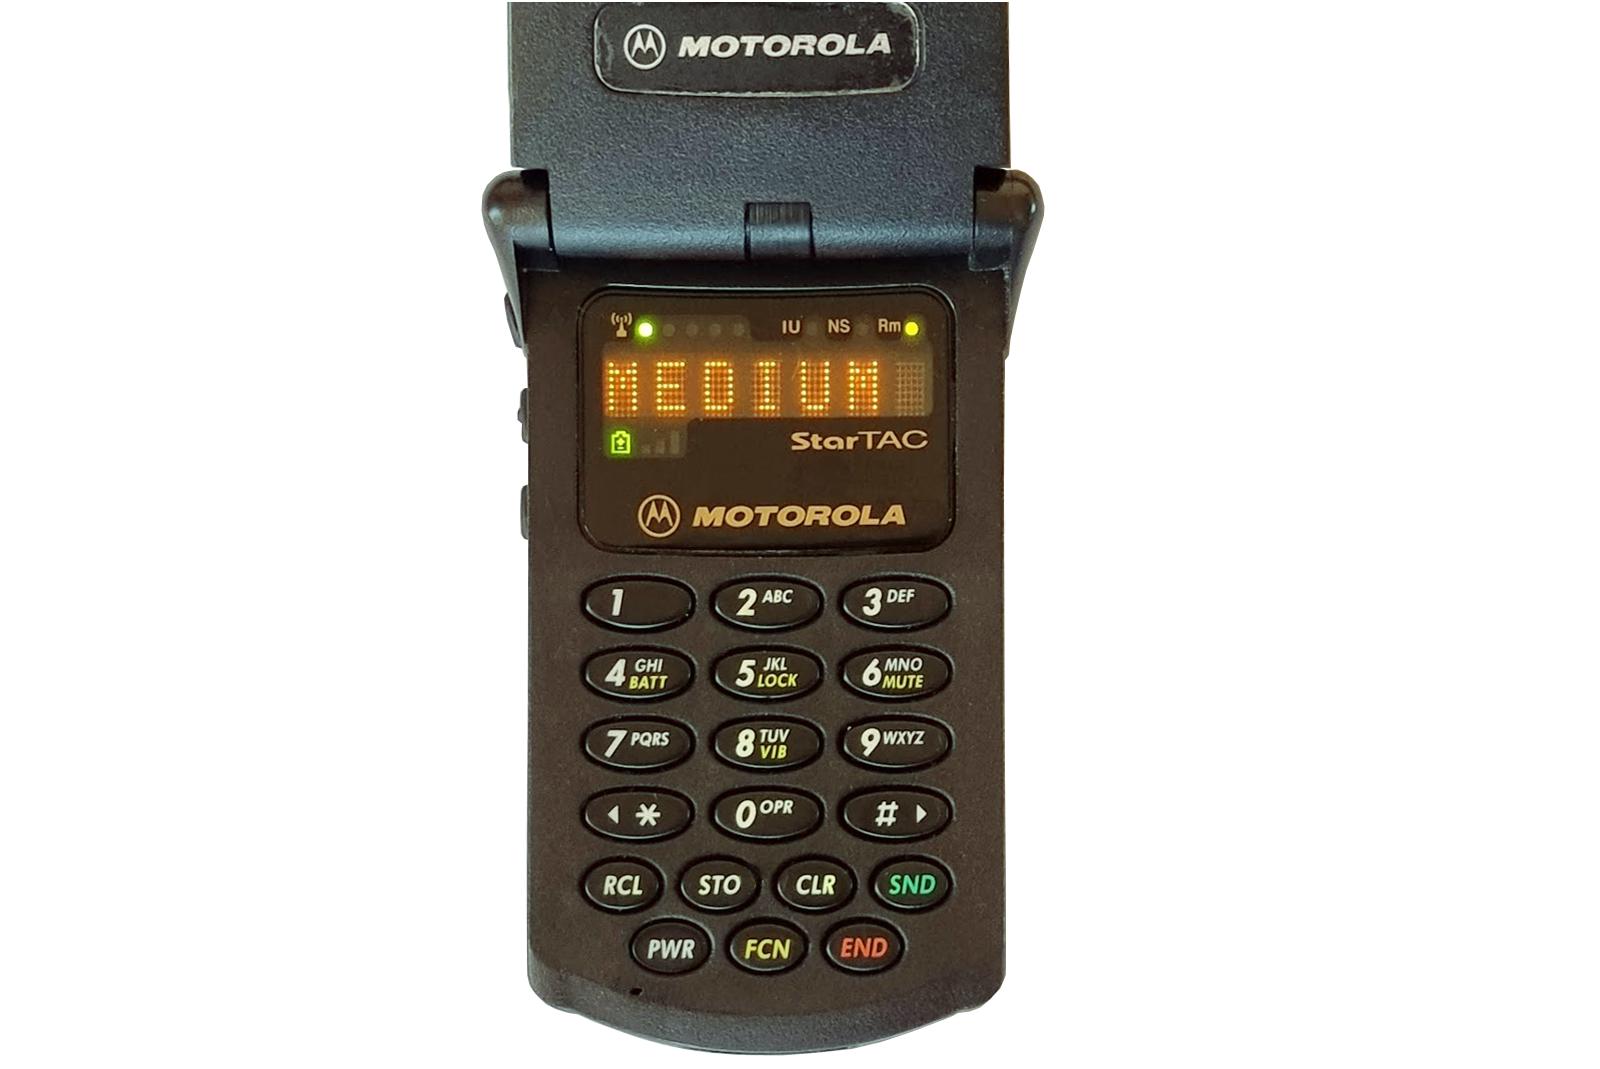 Возвращаем работоспособность аналоговому мобильному телефону из 1997 года - 1